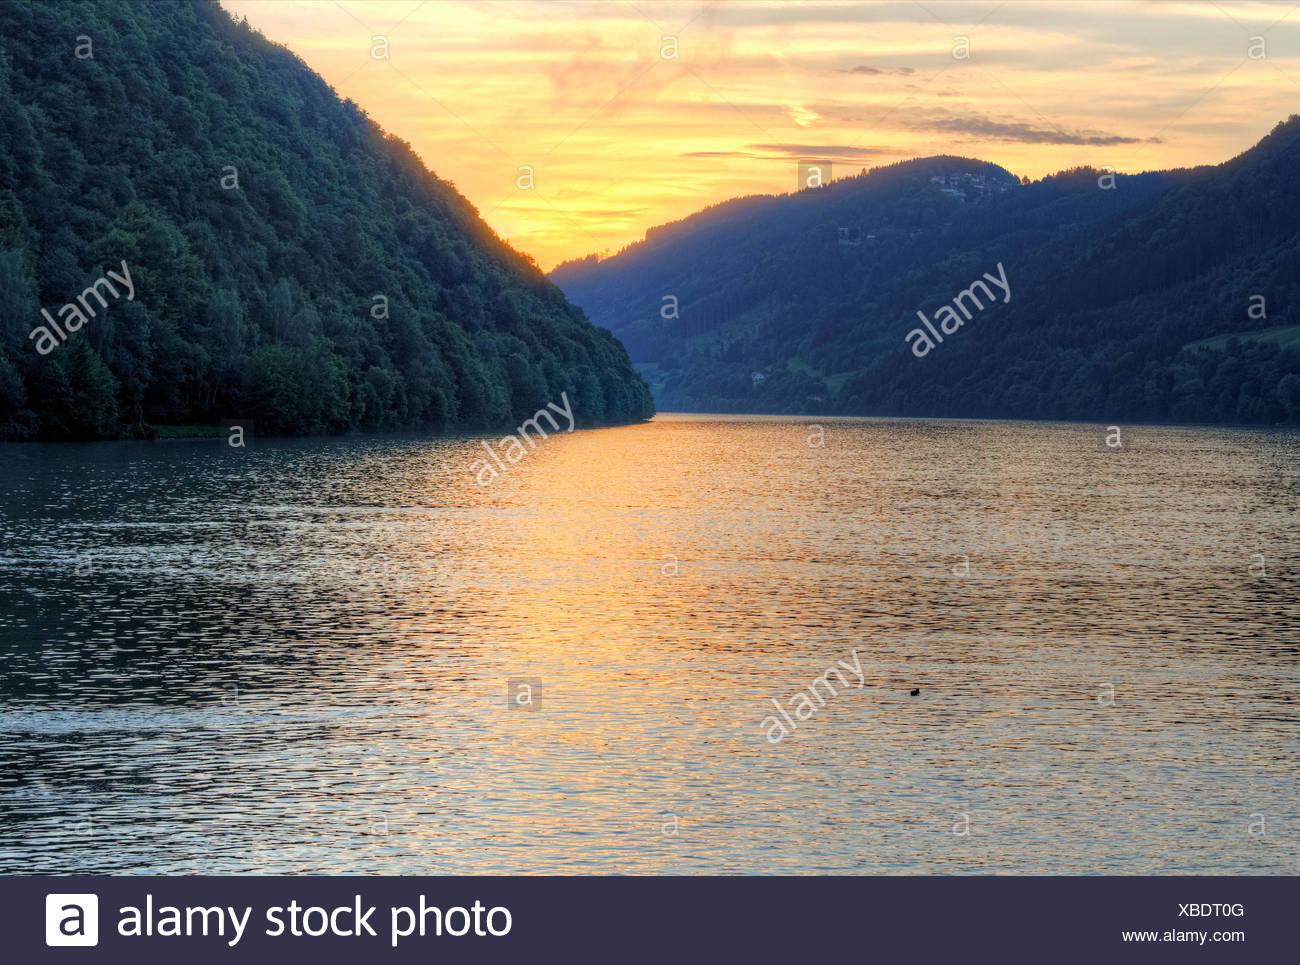 Abend auf der Donau, Schloegen Schleife, Region Hausruckviertel, Oberösterreich, Österreich Stockbild